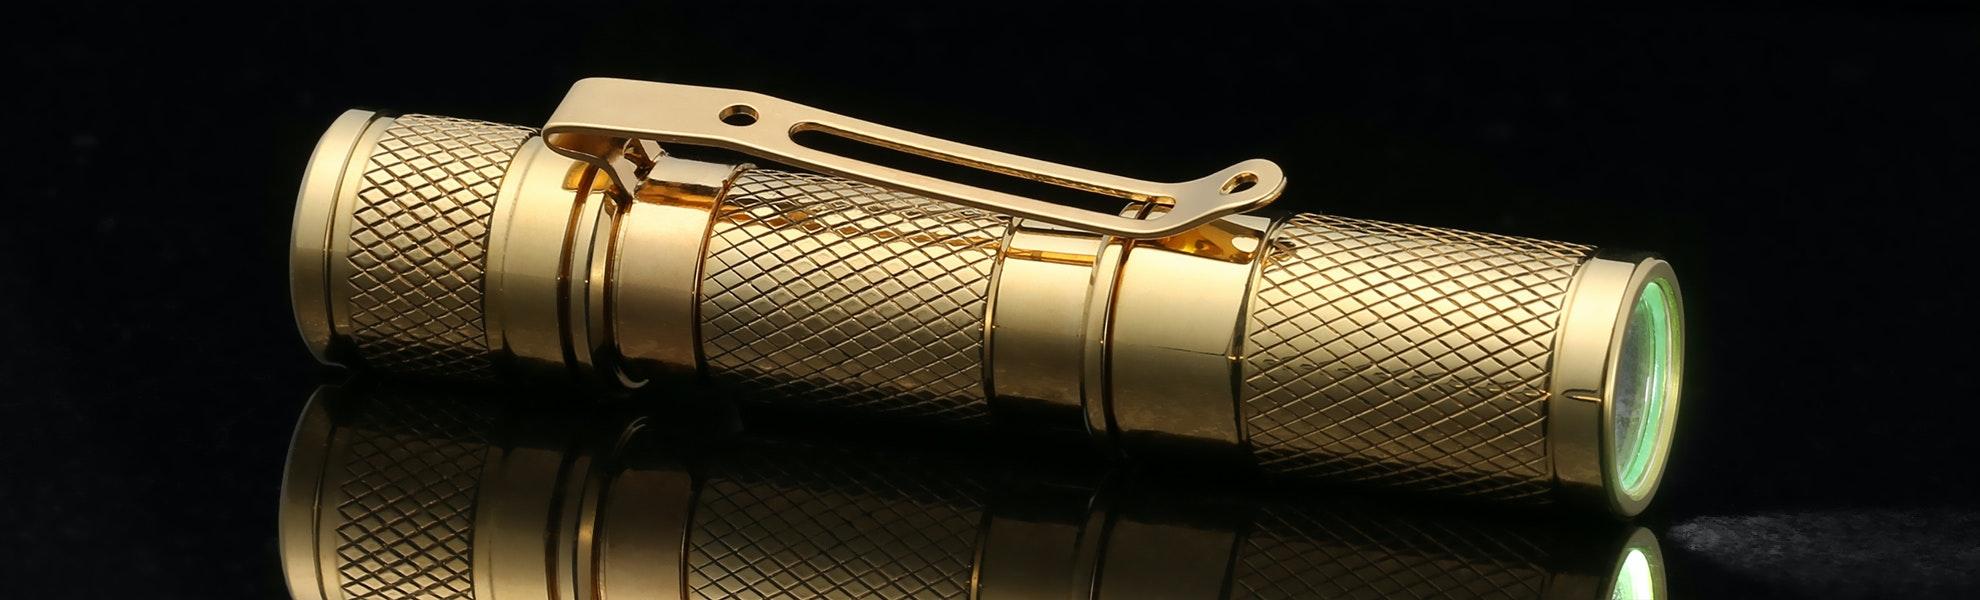 Massdrop Brass AAA Pocket Flashlight